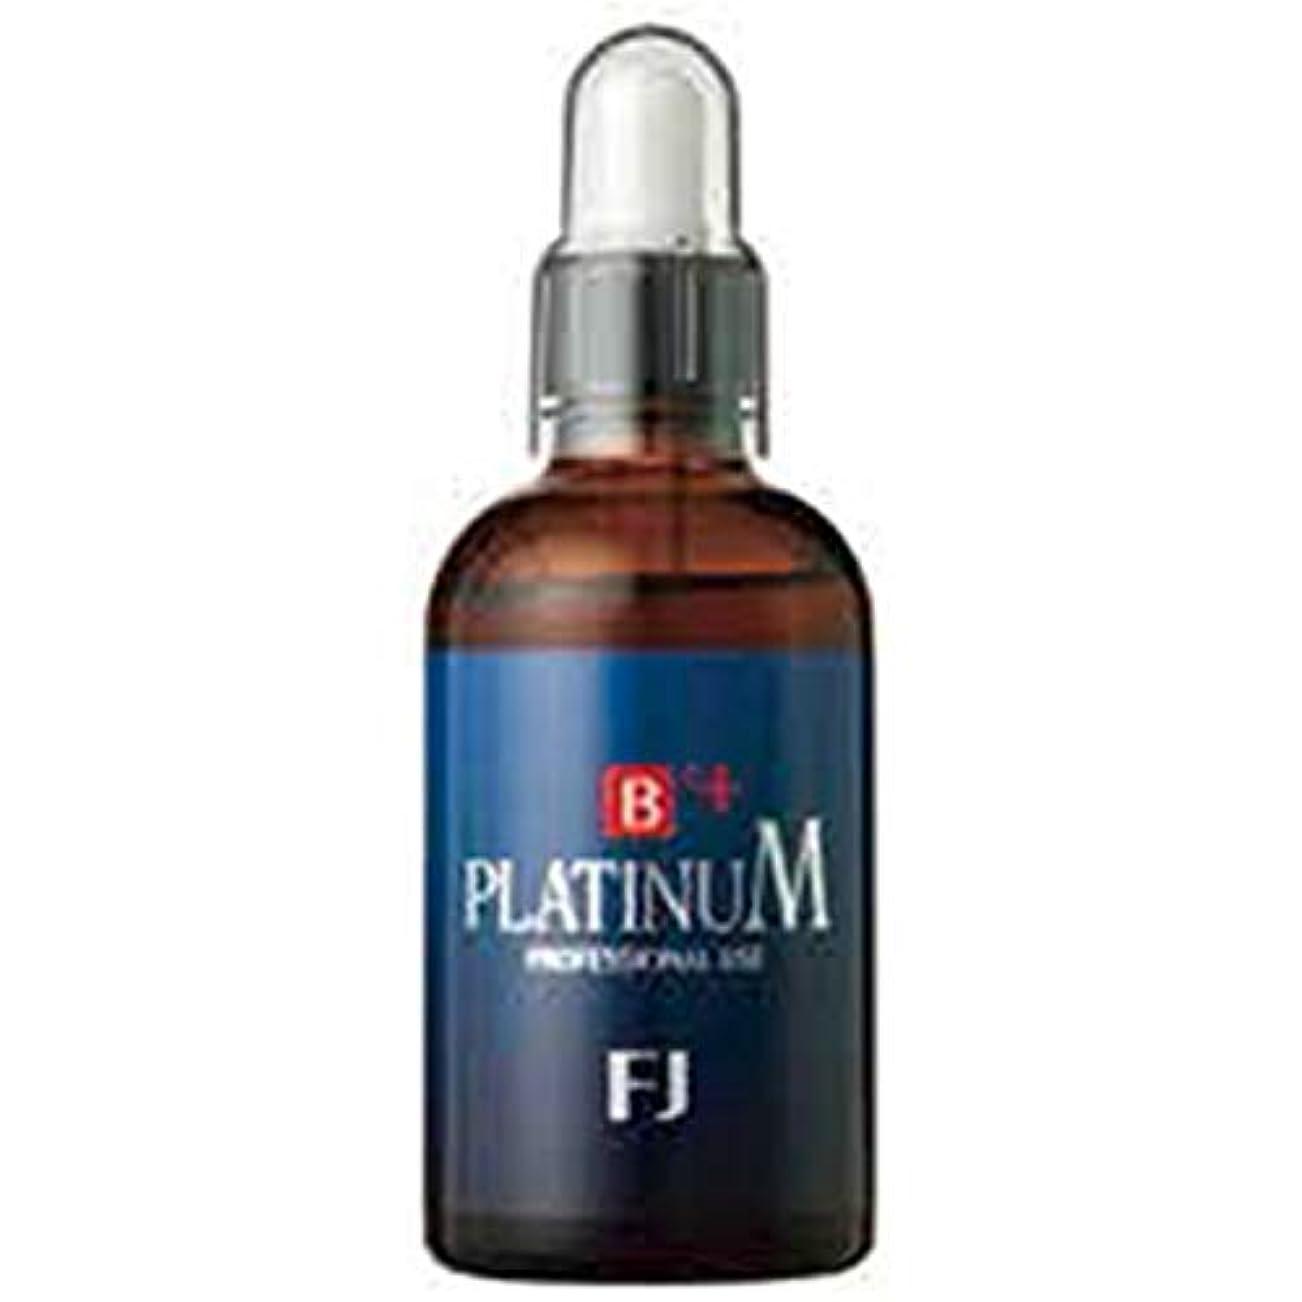 フローティング量影響する【ビューティー プラチナム】 PLATINUM B'+  フォスファチジルコリン20%高濃度美容液  :100ml